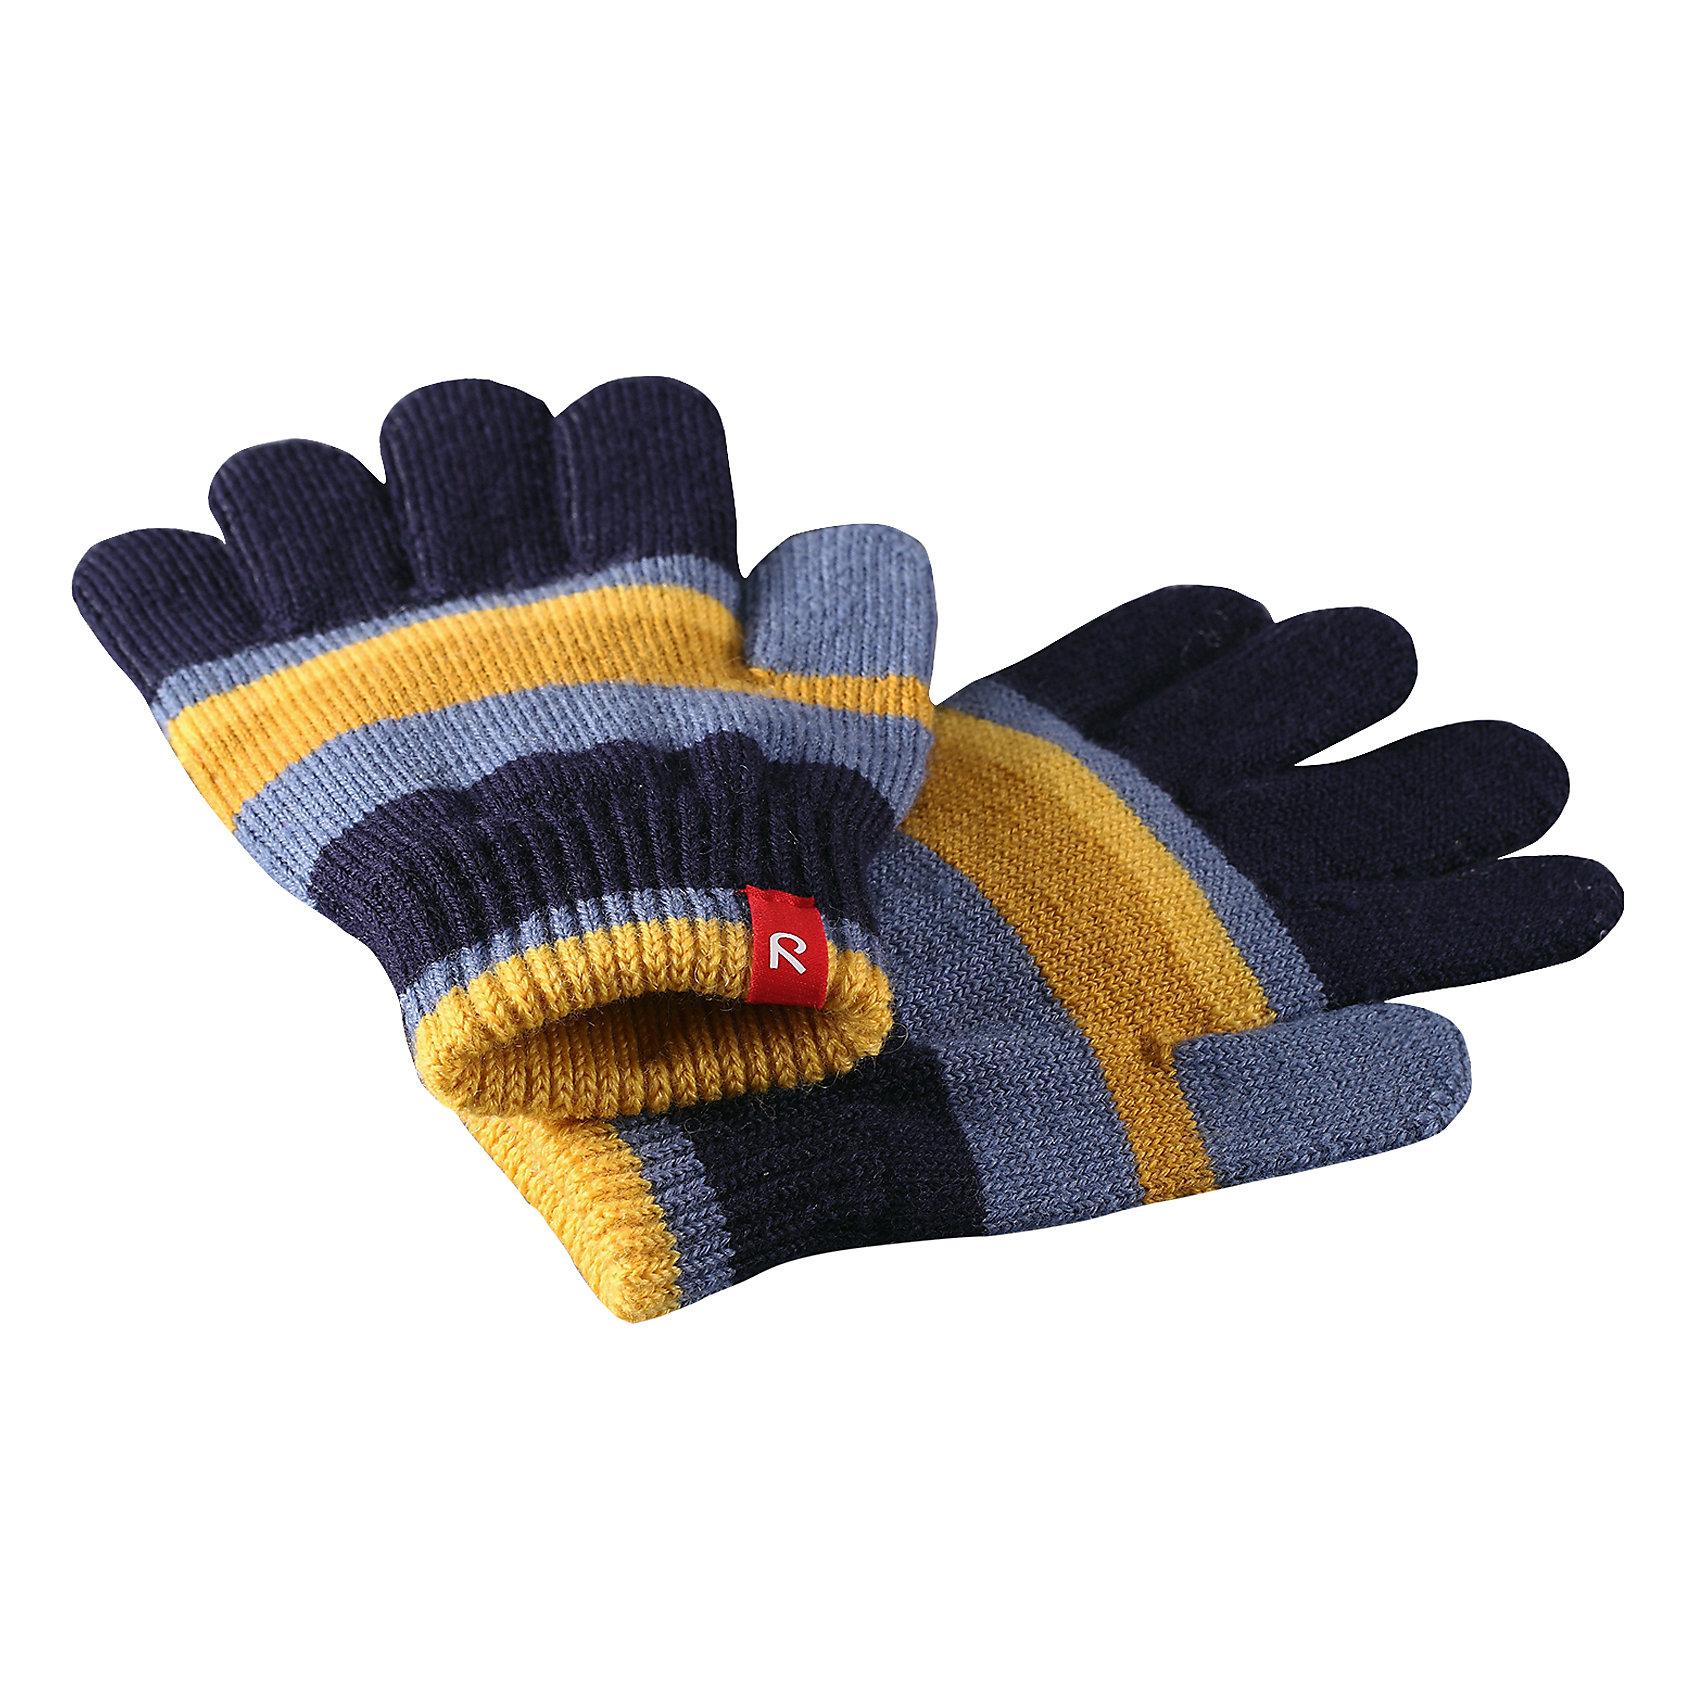 Перчатки Reima TwigПерчатки, варежки<br>Характеристики товара:<br><br>• цвет: синий;<br>• состав: 75% шерсть, 22% полиакрил, 2% полиамид, 1% эластан;<br>• сезон: демисезон, зима;<br>• шерсть идеально поддерживает температуру;<br>• мягкая и теплая ткань из смеси шерсти;<br>• легкий стиль, без подкладки;<br>• страна бренда: Финляндия;<br>• страна изготовитель: Китай.<br><br>Перчатки выполнены из эластичной полушерсти, дарящей комфорт в прохладные дни ранней осенью. Они идеально подойдут для поддевания под водонепроницаемые варежки и перчатки. Изготовлены из трикотажа высокого качества и легко стираются в стиральной машине. <br><br>Перчатки Twig Reima от финского бренда Reima (Рейма) можно купить в нашем интернет-магазине.<br><br>Ширина мм: 162<br>Глубина мм: 171<br>Высота мм: 55<br>Вес г: 119<br>Цвет: синий<br>Возраст от месяцев: 120<br>Возраст до месяцев: 144<br>Пол: Унисекс<br>Возраст: Детский<br>Размер: 7/8,3/4,5/6<br>SKU: 6902115